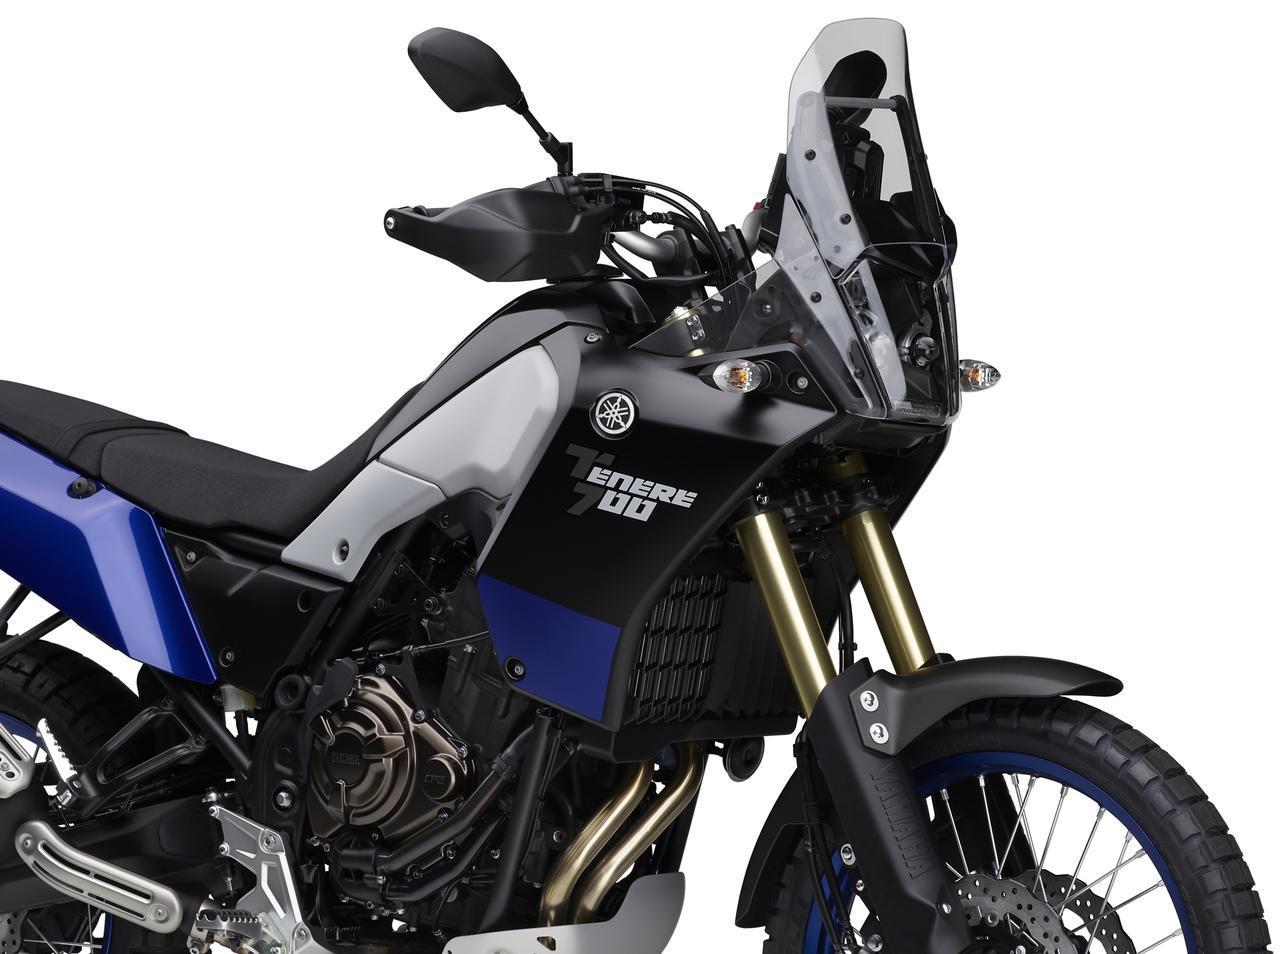 画像1: 【速報】ヤマハが「テネレ700 ABS」の国内仕様車をついに発表! 価格と発売日&スペックも明らかに! - webオートバイ